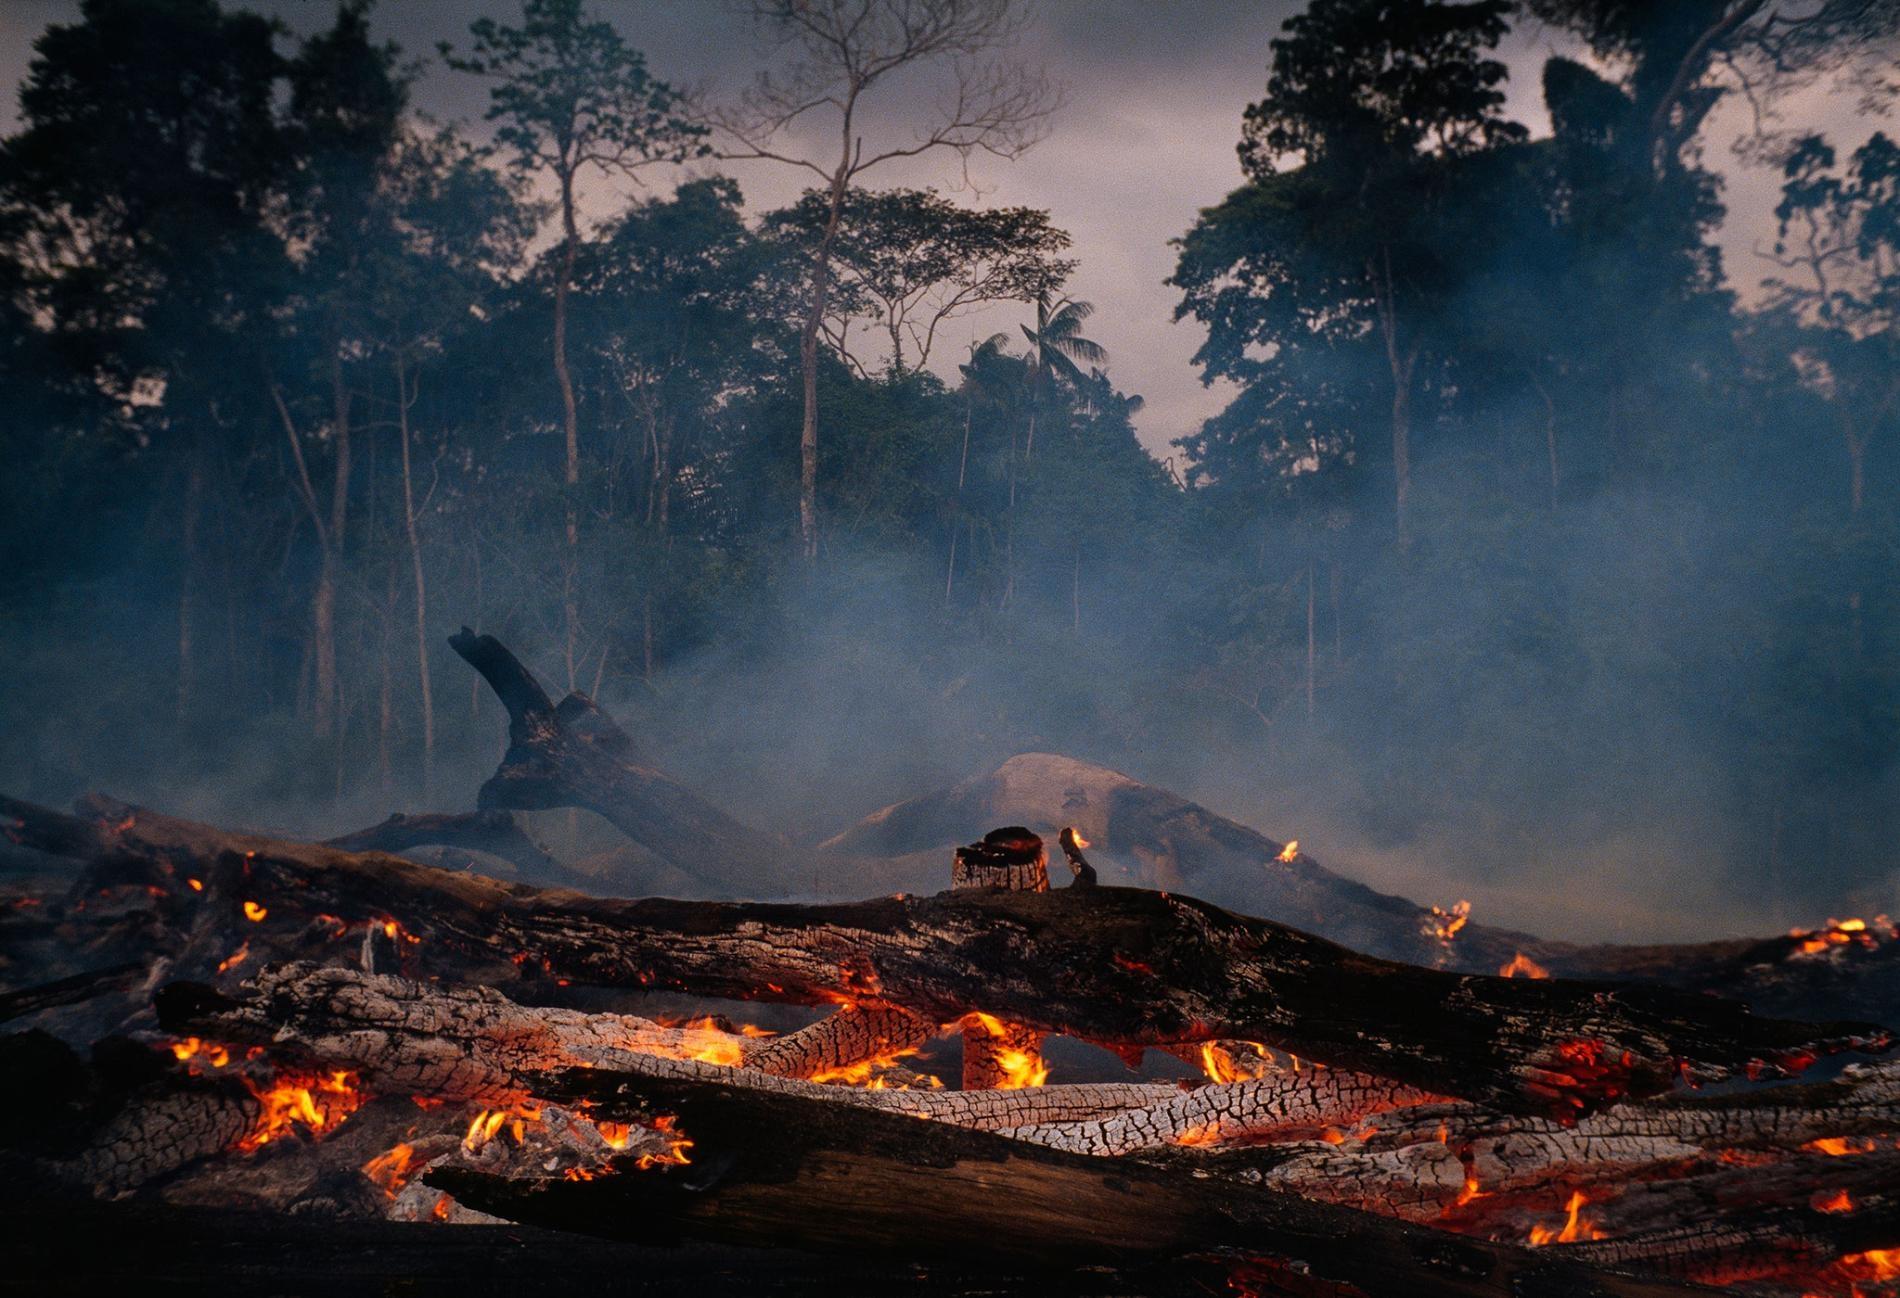 在巴西的亞馬遜地區,雨林被清除的速率在最近幾年上升了,而且在新總統賈伊‧波索納洛的治理下,這個速率還可望再進一步提升。這個森林常常會被焚燒來進行清理,得到的土地隨後被用來做為牛隻的牧草場或是農田。PHOTOGRAPH BY MICHAEL NICHOLS, NAT GEO IMAGE COLLECTION